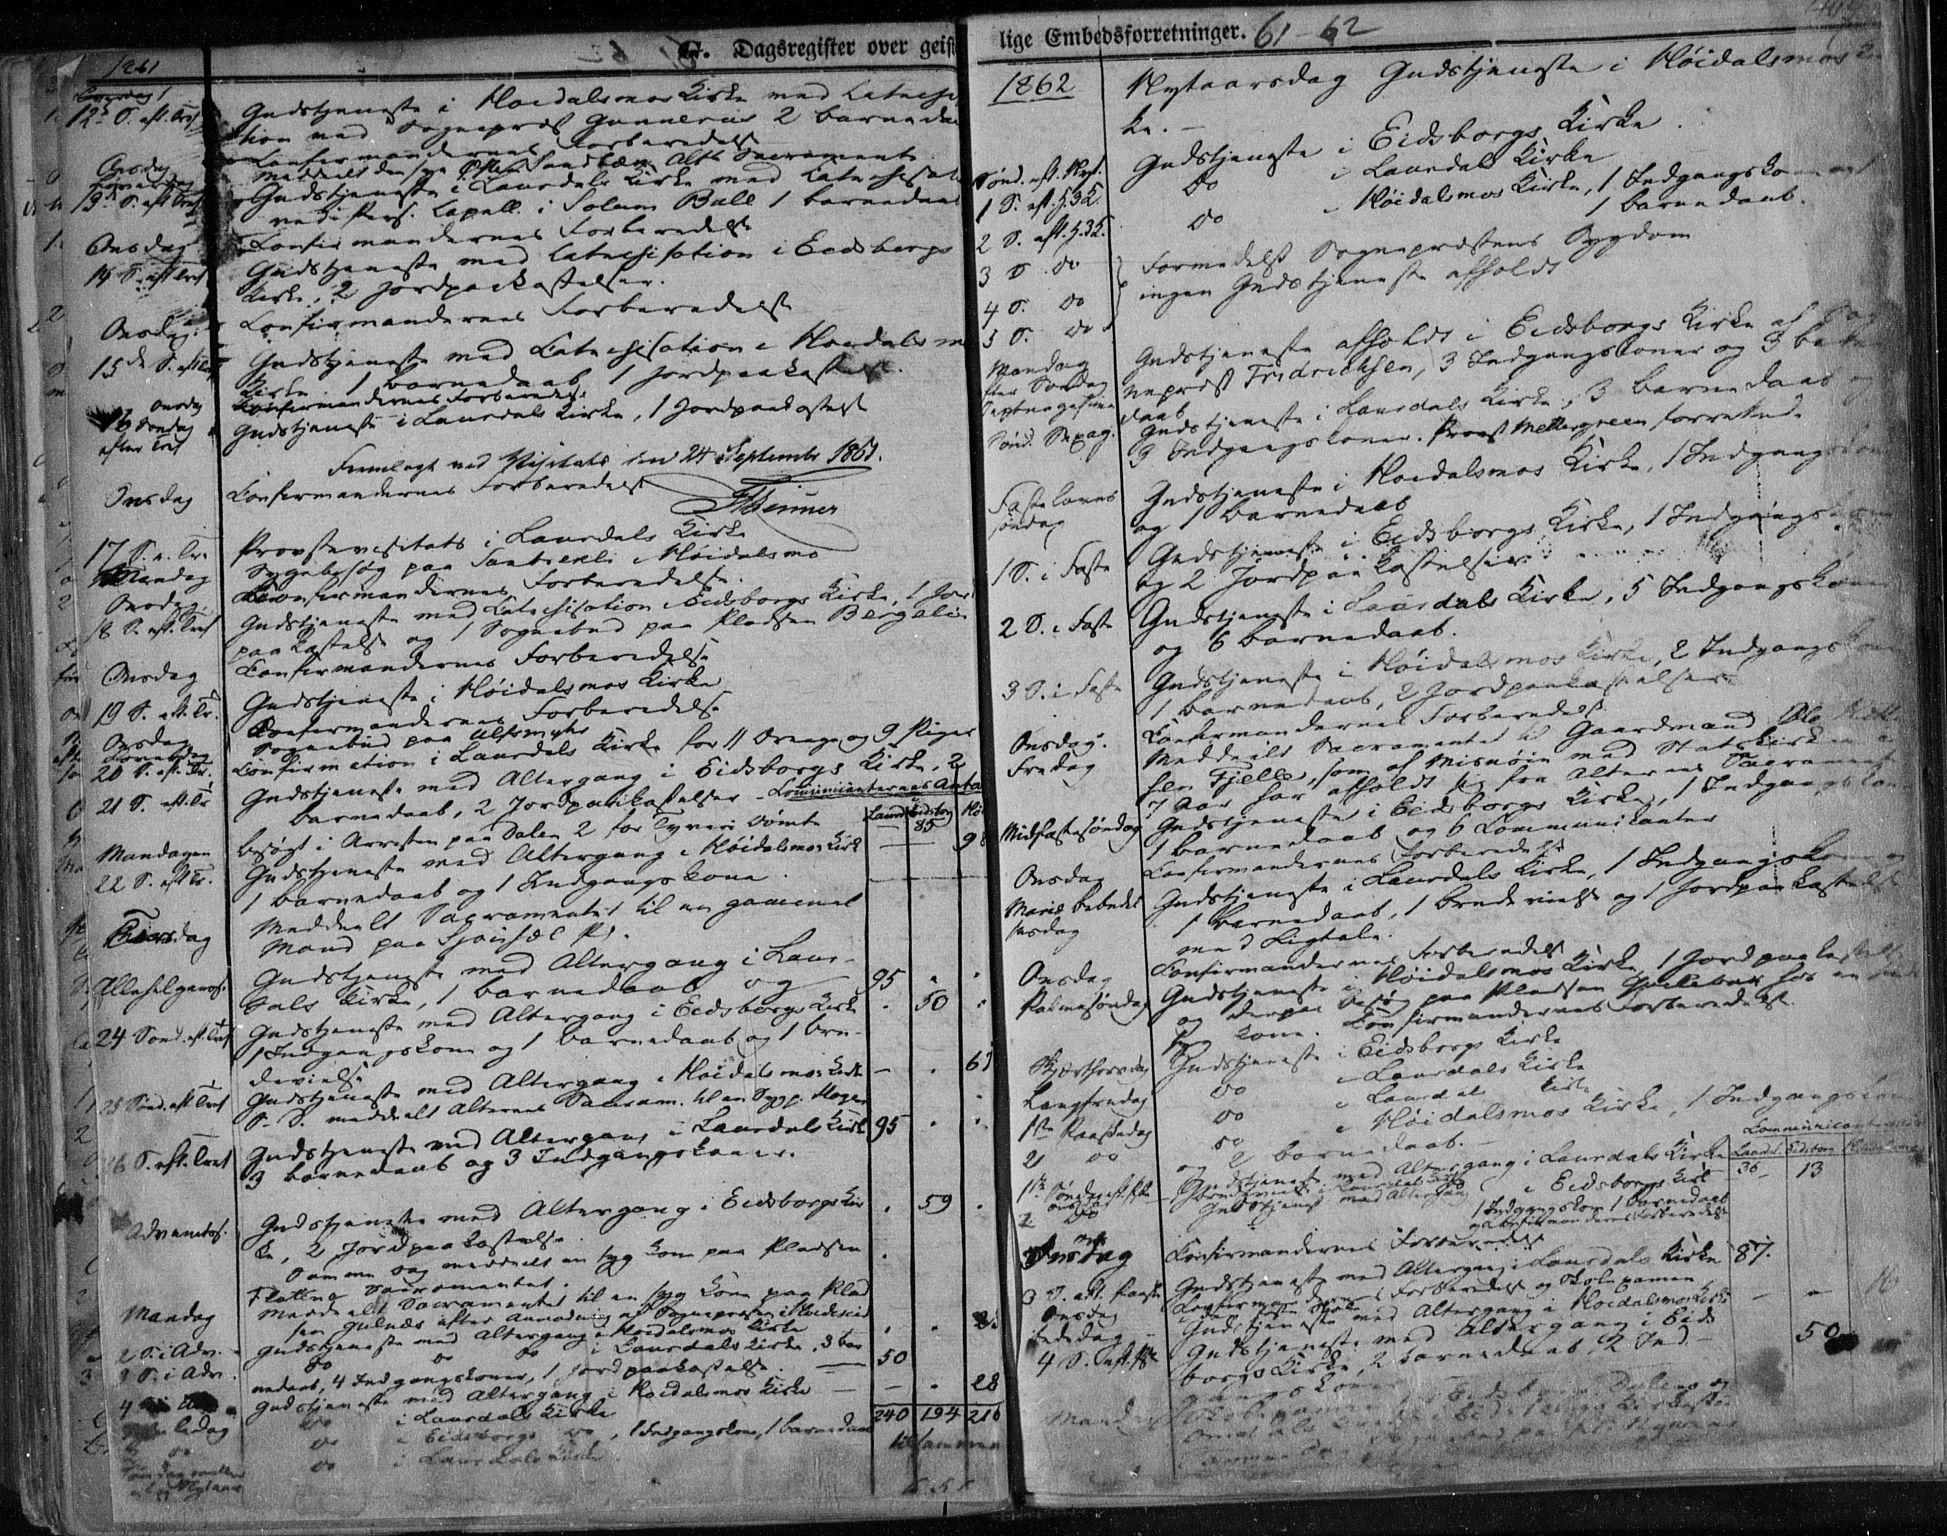 SAKO, Lårdal kirkebøker, F/Fa/L0006: Ministerialbok nr. I 6, 1861-1886, s. 407